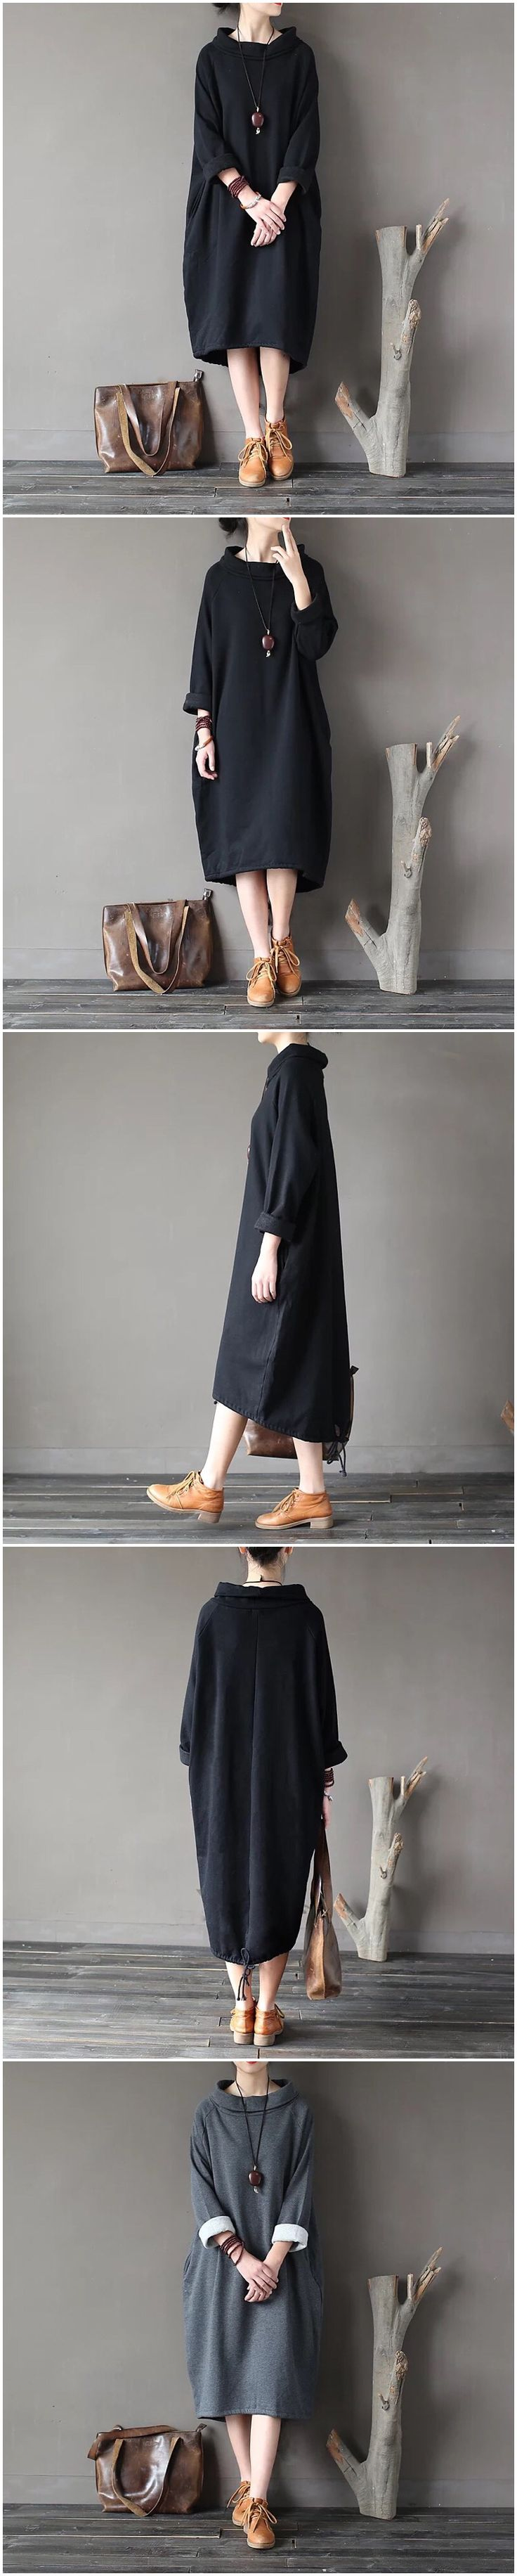 Black loose winters warm fleece dresses